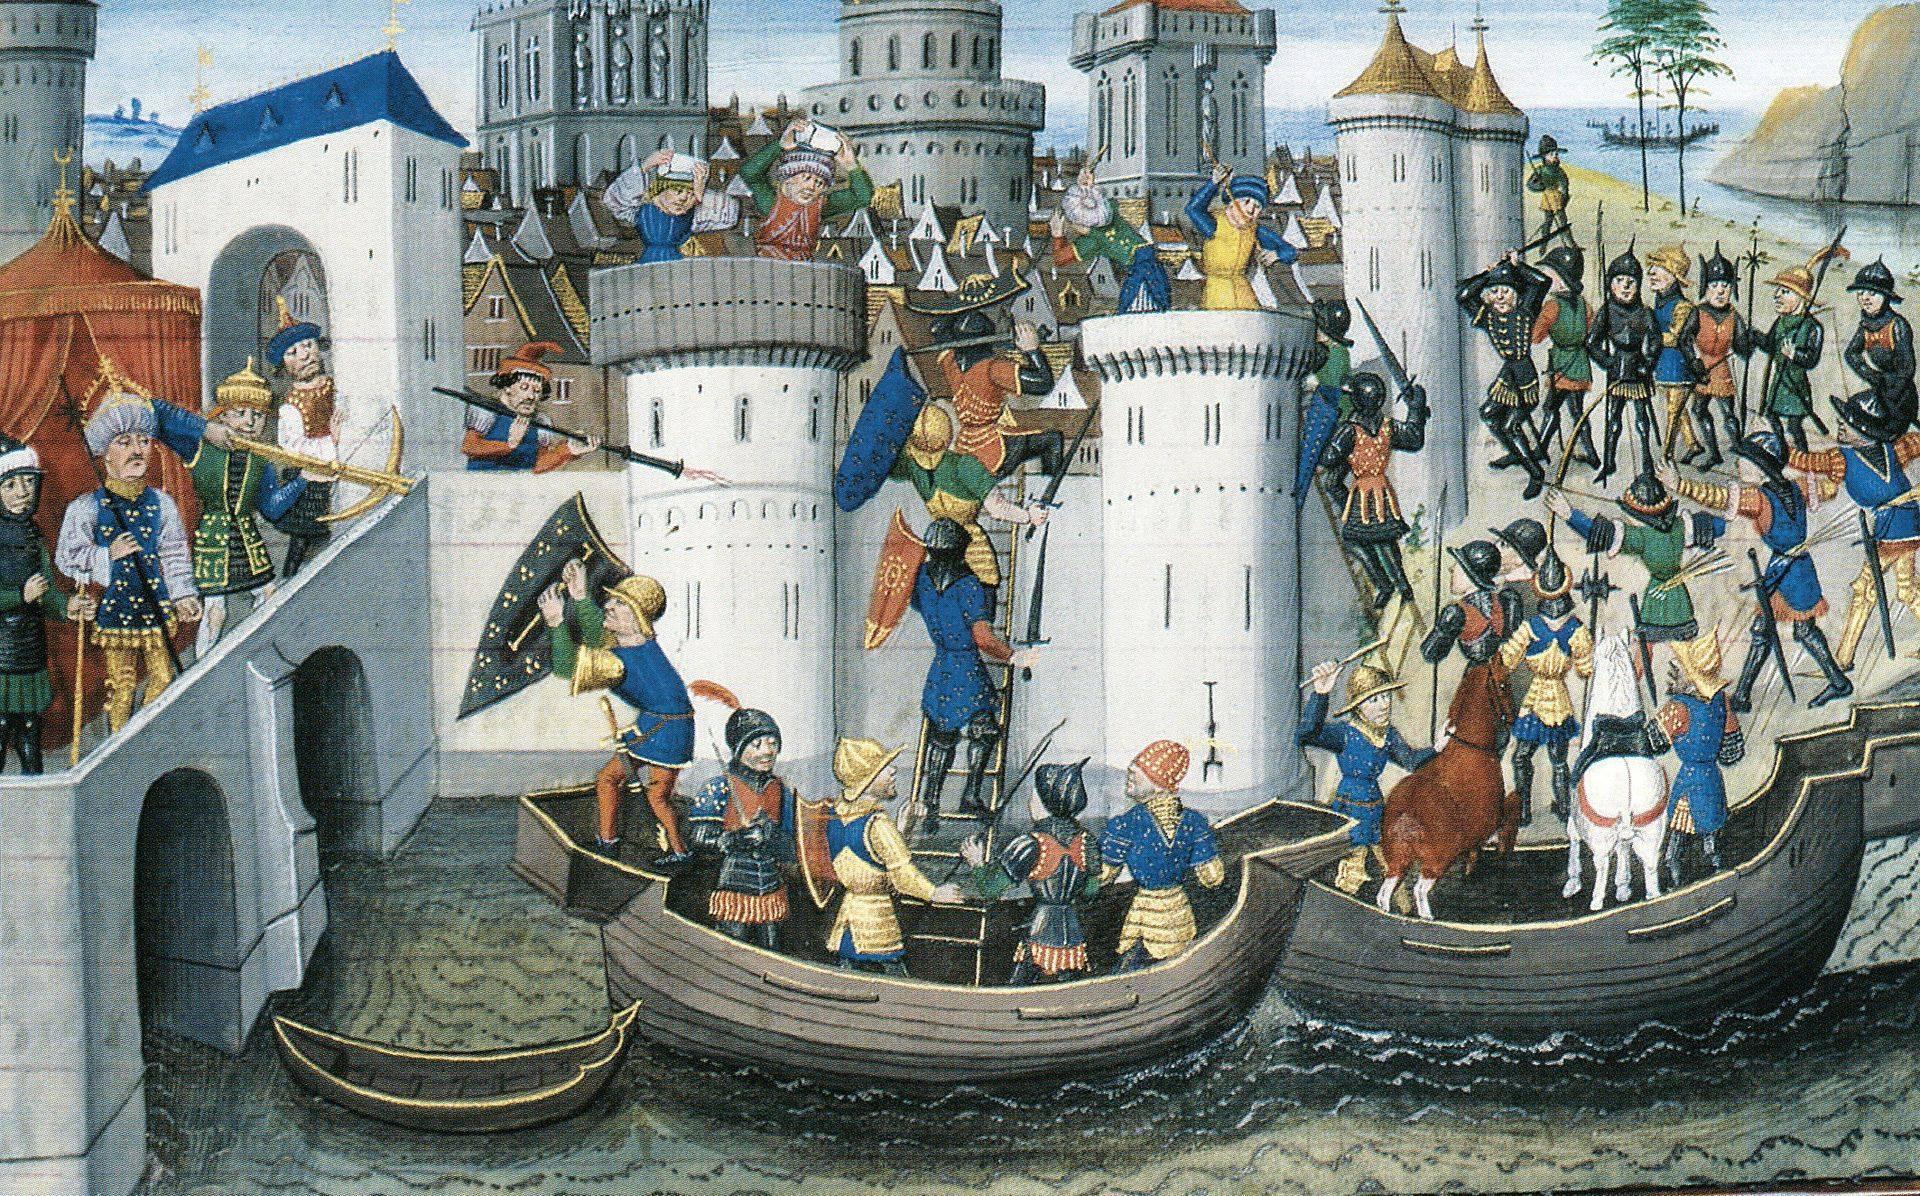 Destra Brenta - associazione culturale - Bassano del Grappa - IV crociata